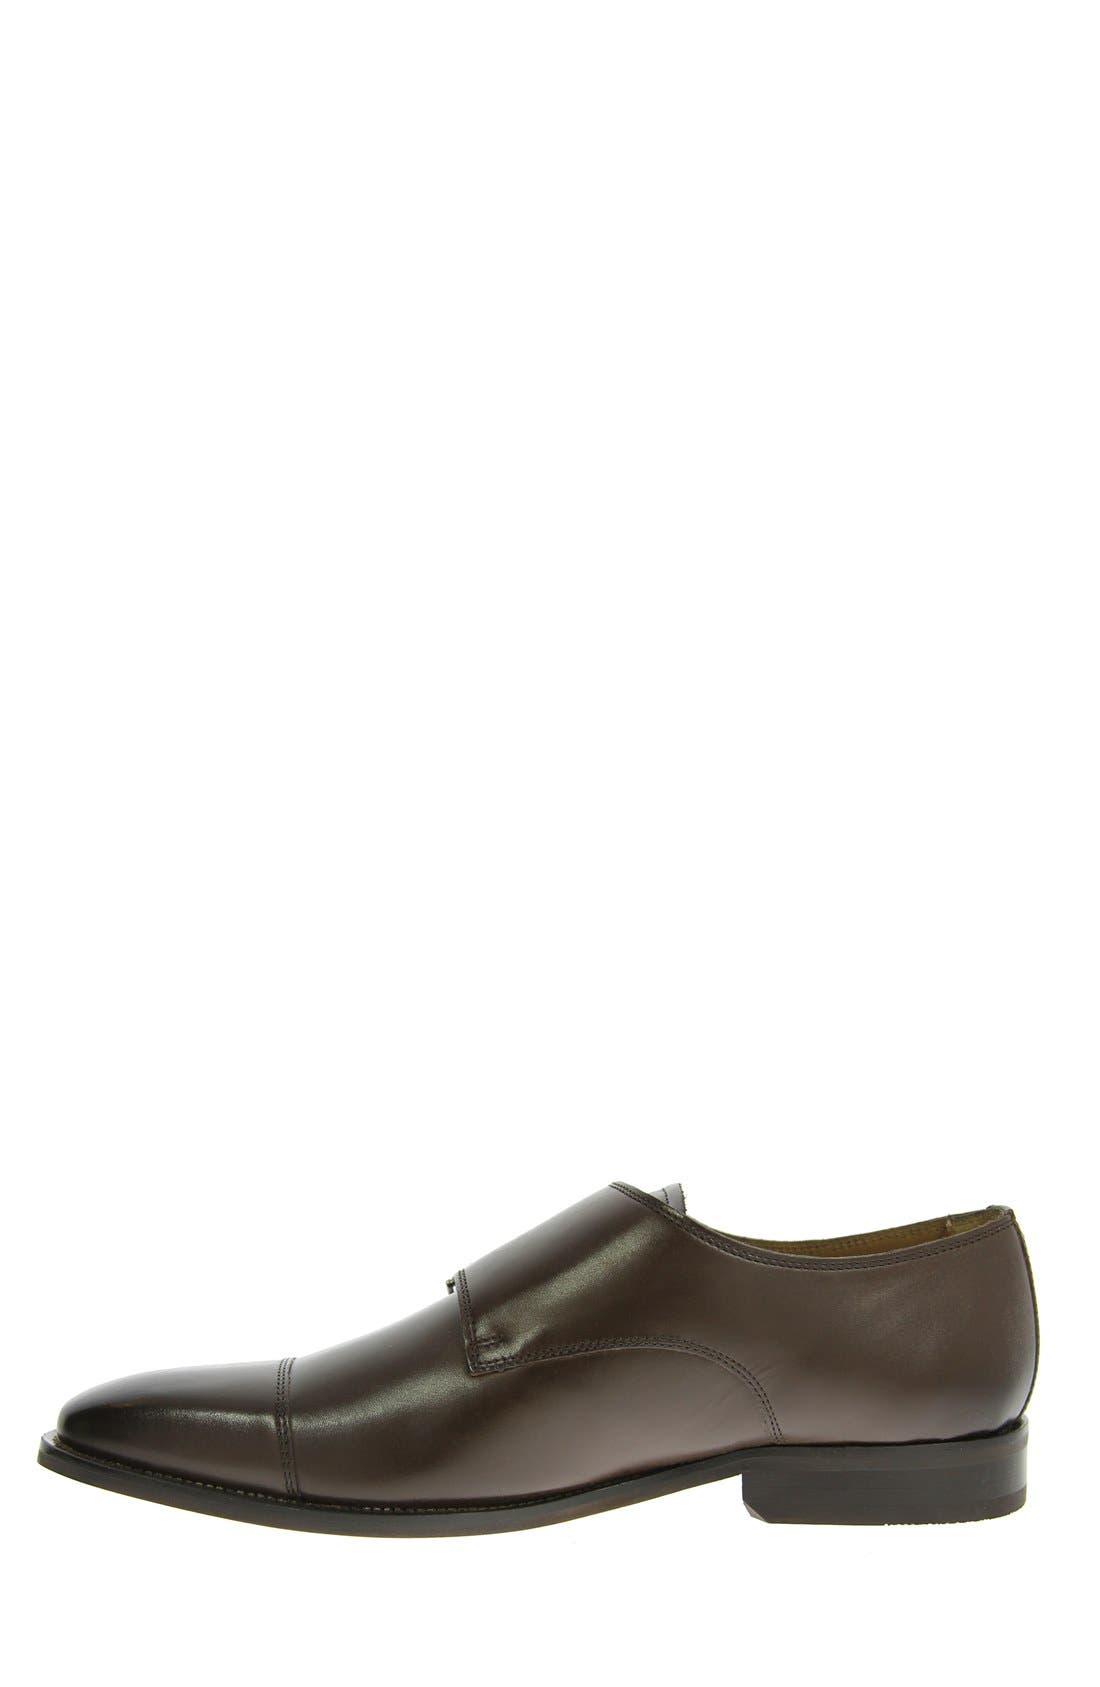 'Sabato' Double Monk Strap Shoe,                             Alternate thumbnail 4, color,                             BROWN